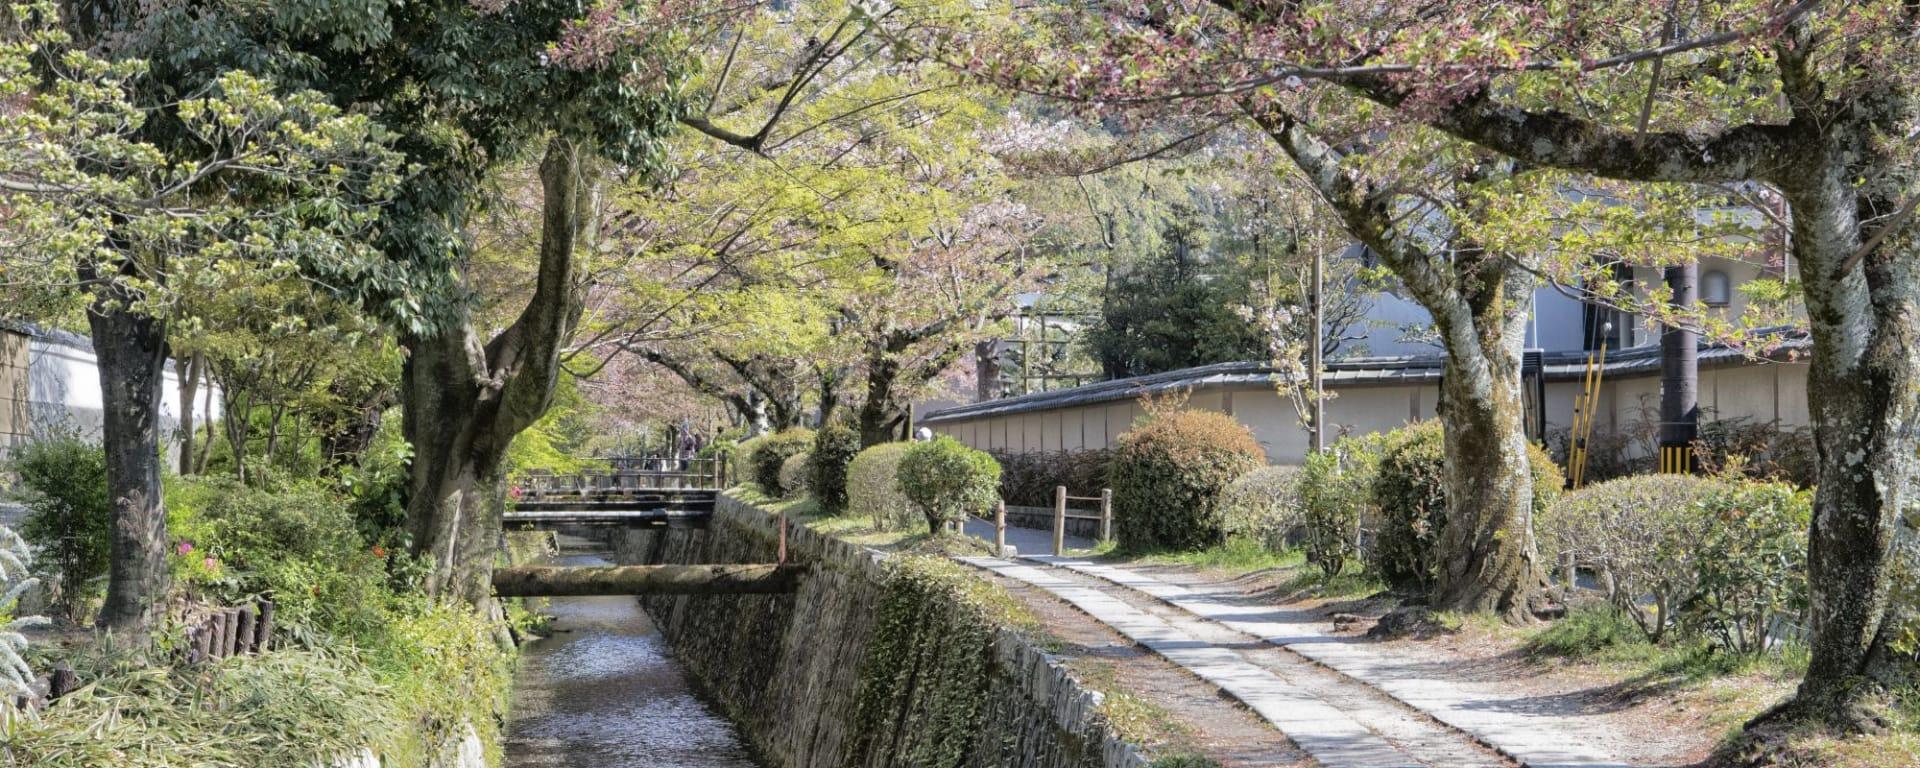 Kyoto de son propre chef, sans véhicule, une journée: Kyoto